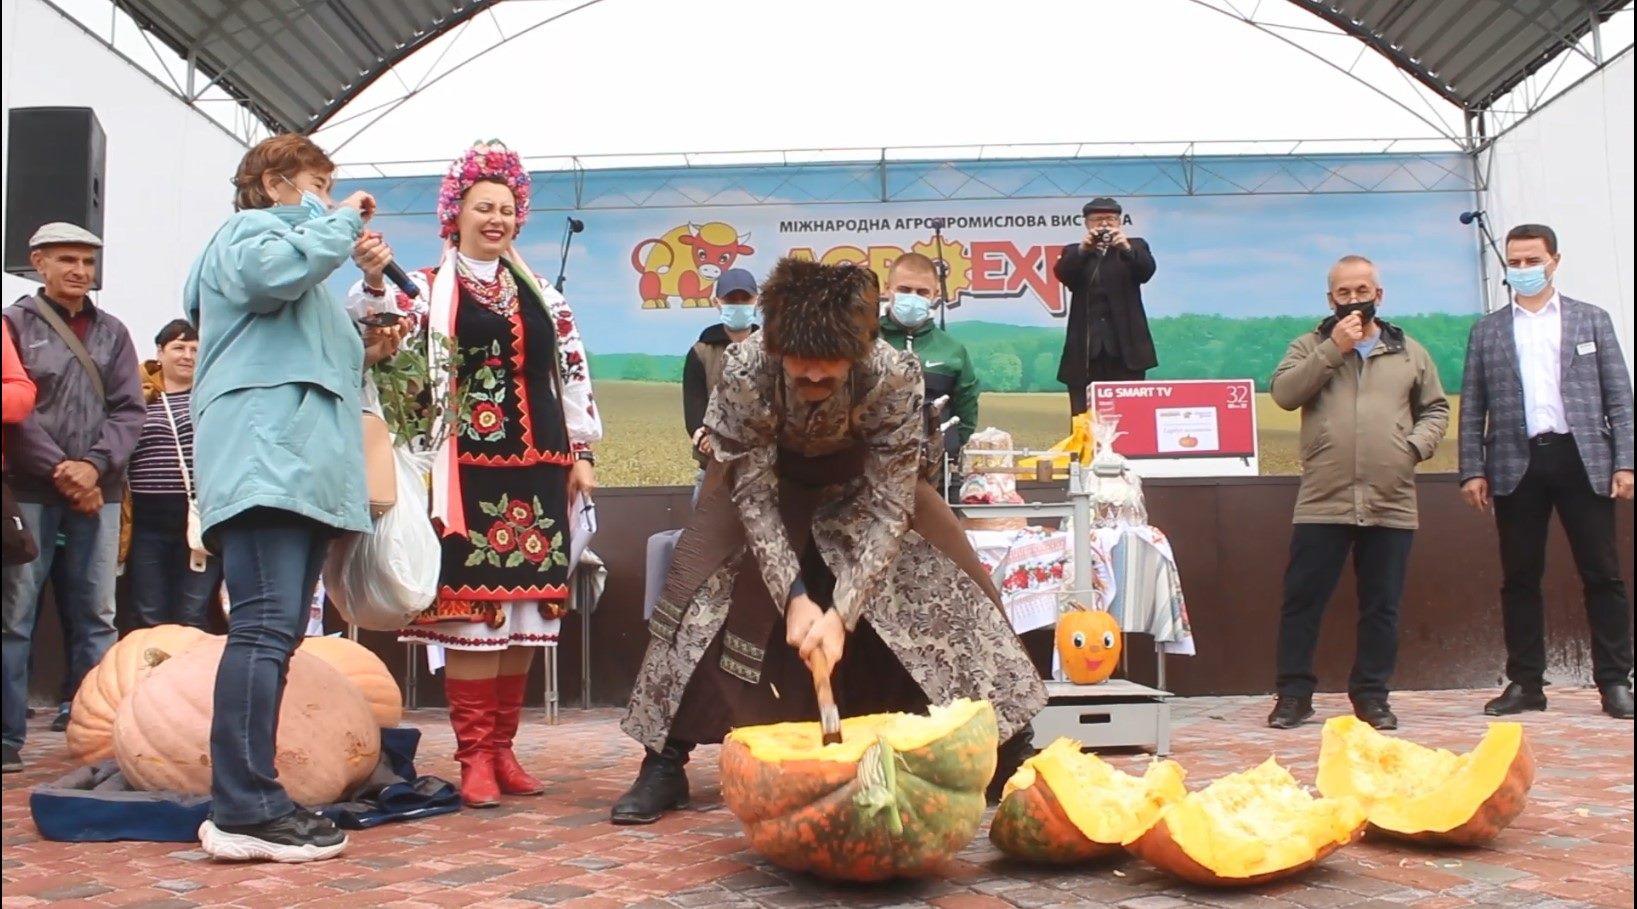 Найбільший гарбуз обрали в Кропивницькому (ФОТО)